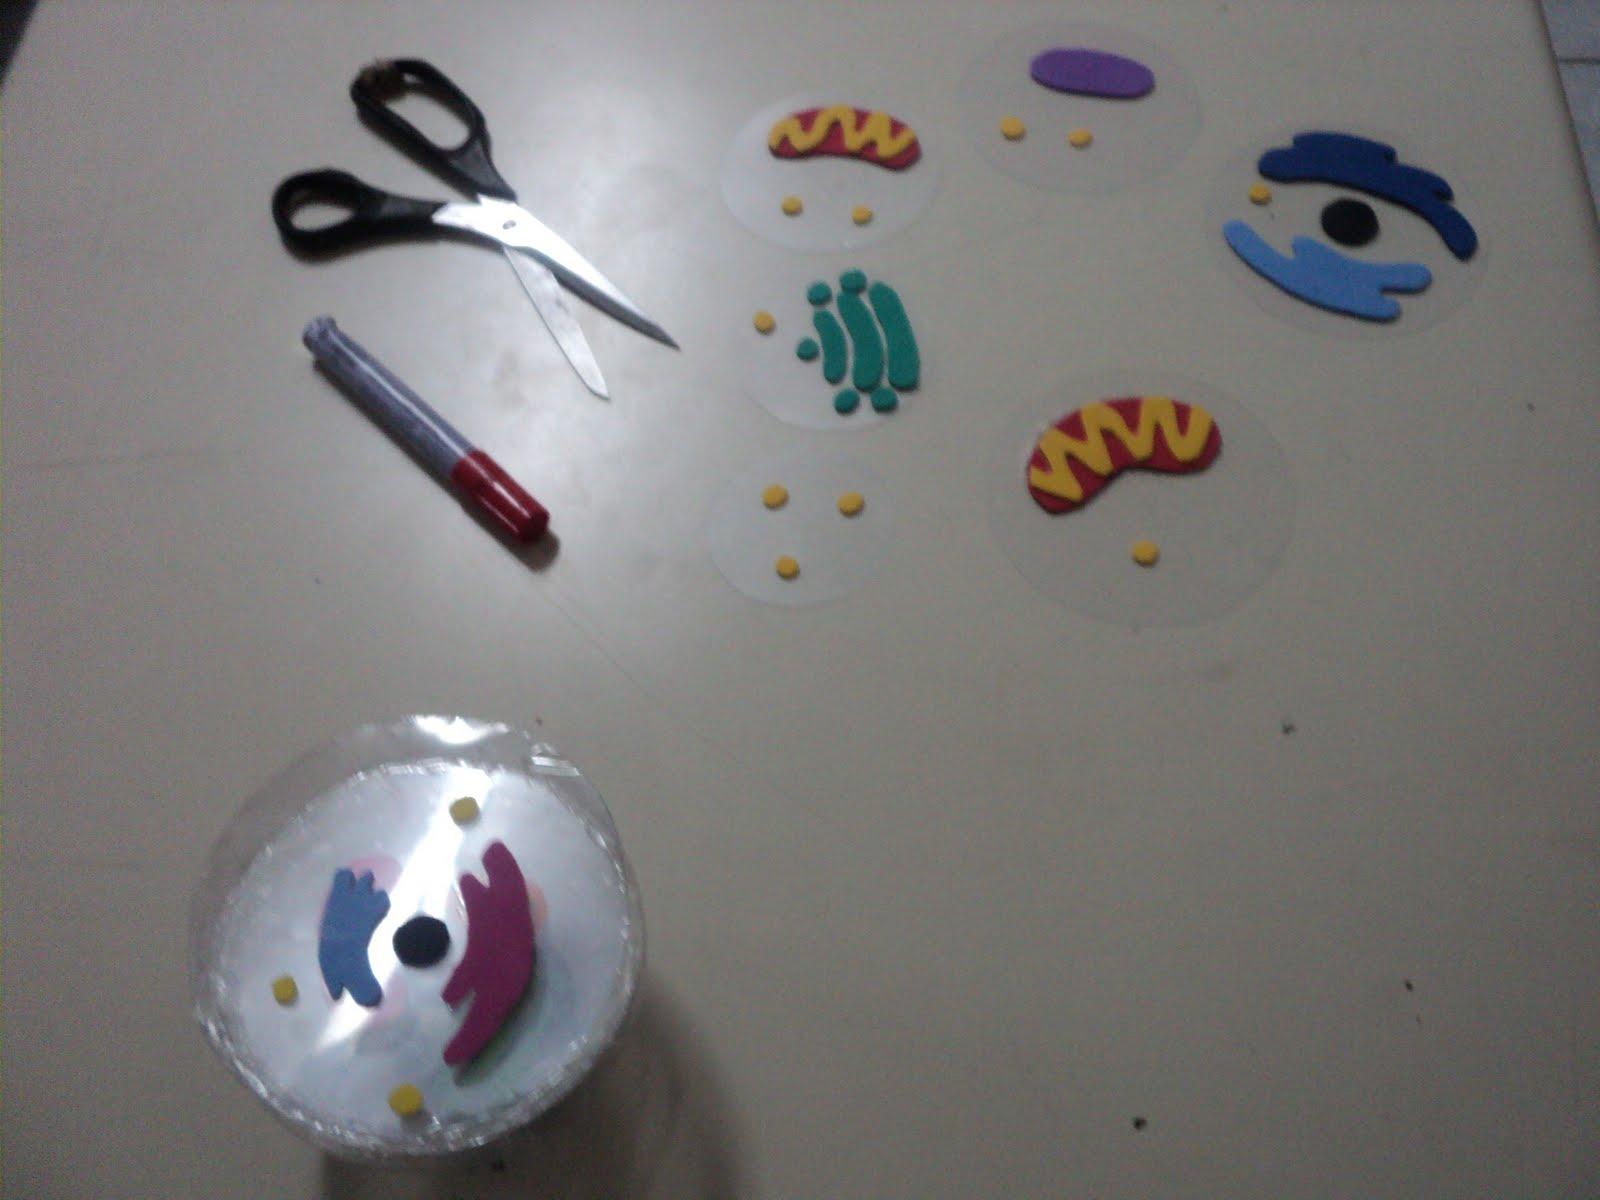 EXPERIENCIAS DE CIENCIAS EN EL IES LA COMA: Modelo de célula eucarionte